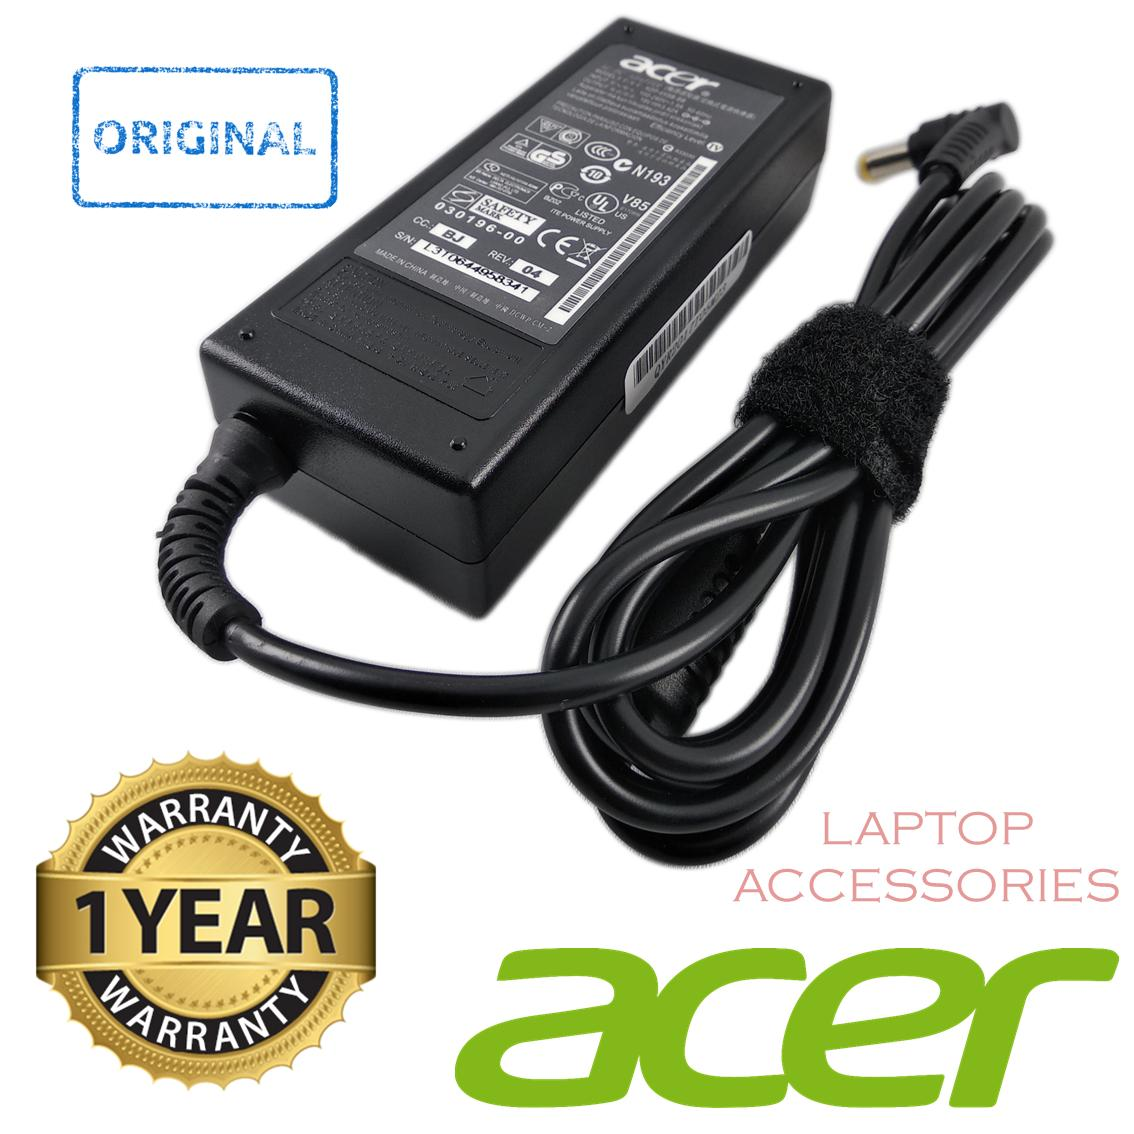 Cek Harga Baru Adaptor Charger Original Laptop Acer 19v 3 42a 5 5mm Keyboard 4736 4738 4740 342a 55mm X 17mm For